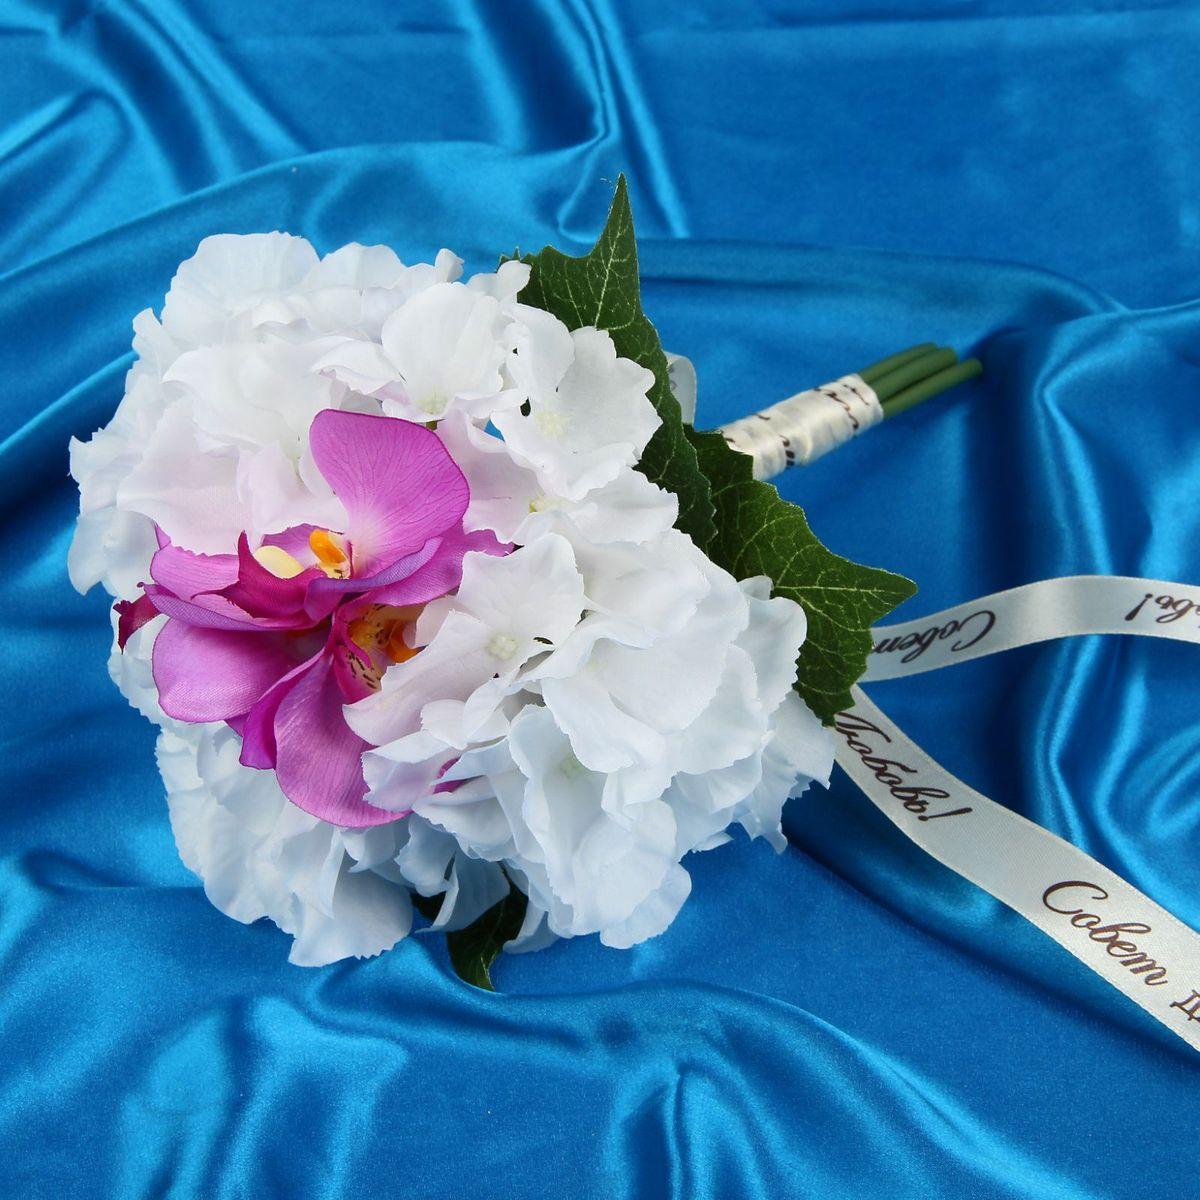 Букет-дублер Sima-land Орхи, цвет: белый, фиолетовый1120322Свадьба — одно из главных событий в жизни человека. В такой день всё должно быть безупречно, особенно букет невесты. Но кидать, по старой традиции, цветочную композицию подругам не всегда удобно, и на помощь приходит букет-дублер Орхи орхидеи, гортензии — красивый и яркий аксессуар. Стебли оформлены лентой с надписью Совет да любовь. Букет дополнен шильдом с тёплым пожеланием. После торжества он украсит любой интерьер, ведь нежные цветы из текстиля не завянут и не помнутся.